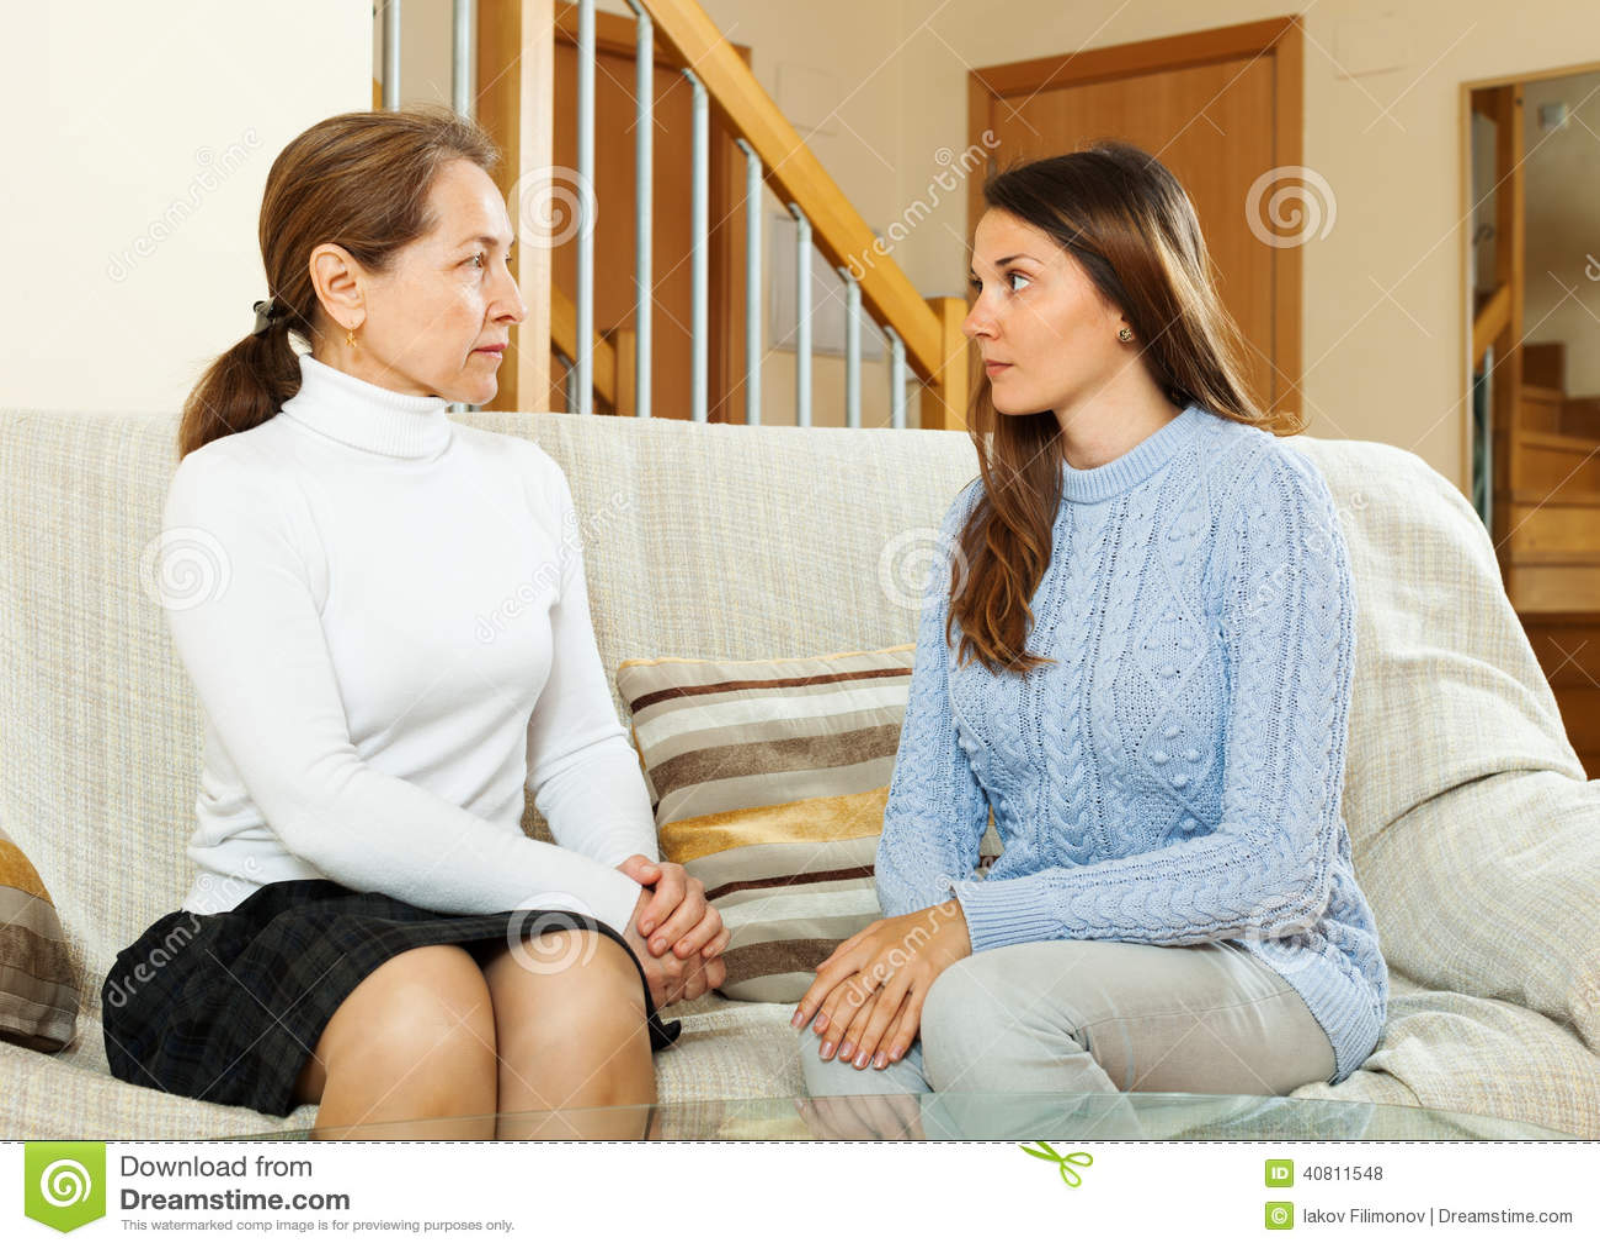 sexo com a sogra imagens sexo